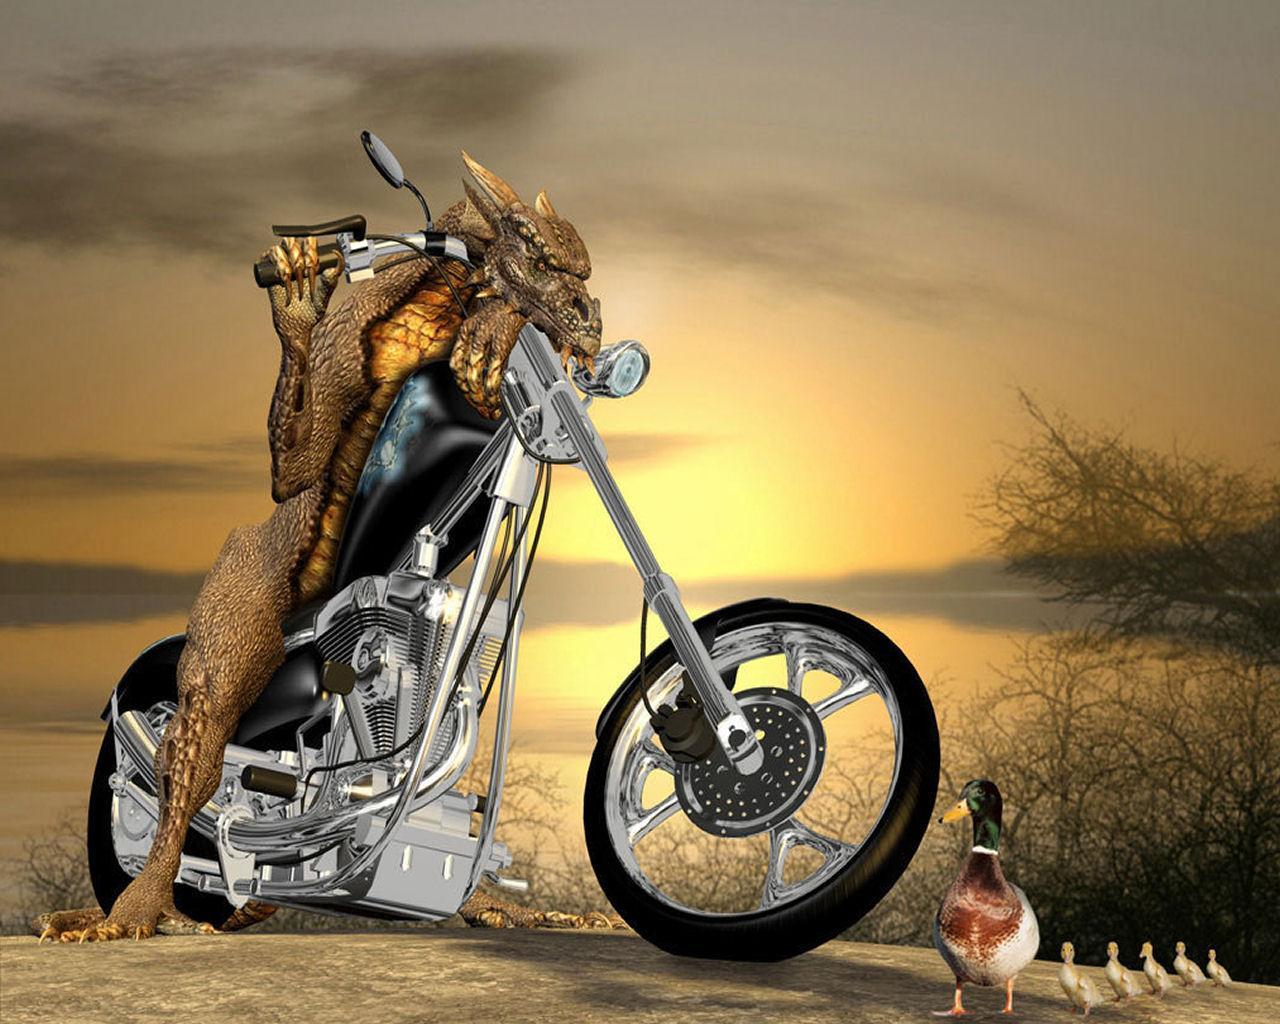 http://2.bp.blogspot.com/-5McKxCr-x60/UNRu0SjOINI/AAAAAAAAB8k/dtes9p_dgZs/s1600/funny-wallpaper-free-download-1.jpg